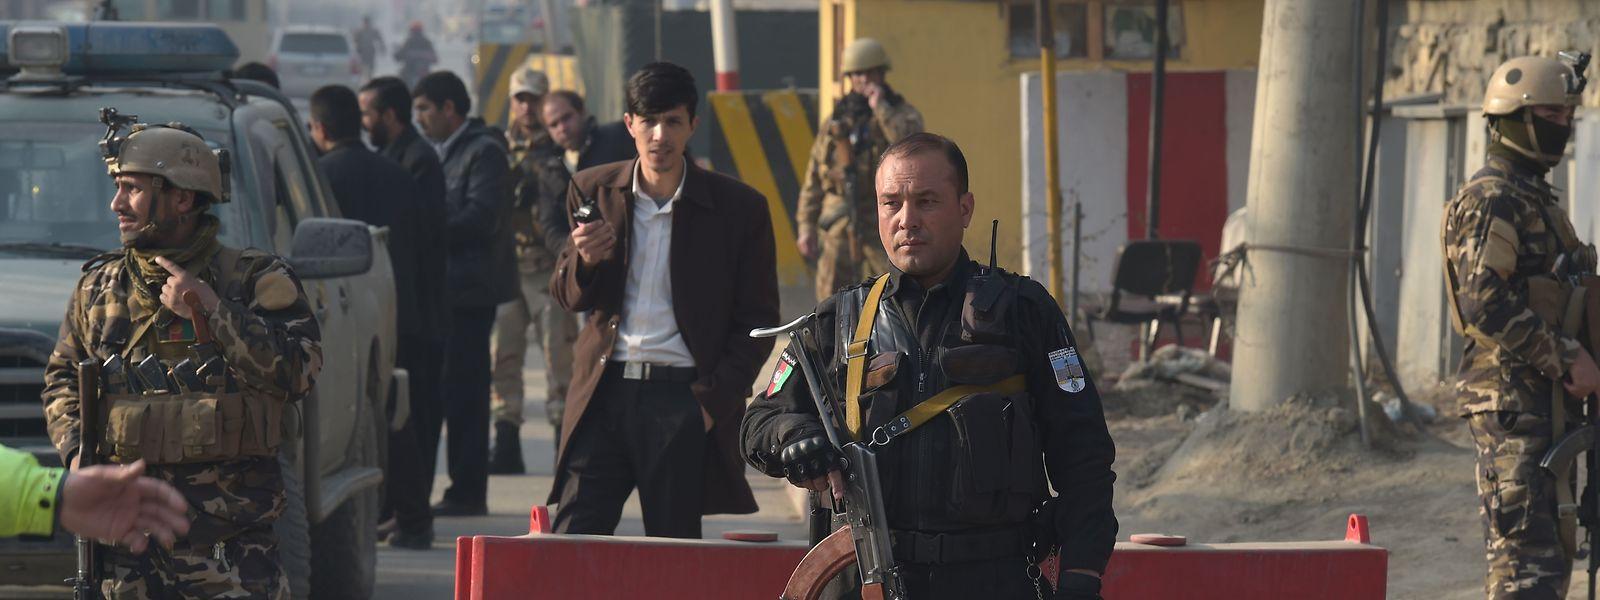 Der Anschlag in Kabul soll einer afghanischen Geheimdiensteinrichtung gegolten haben.